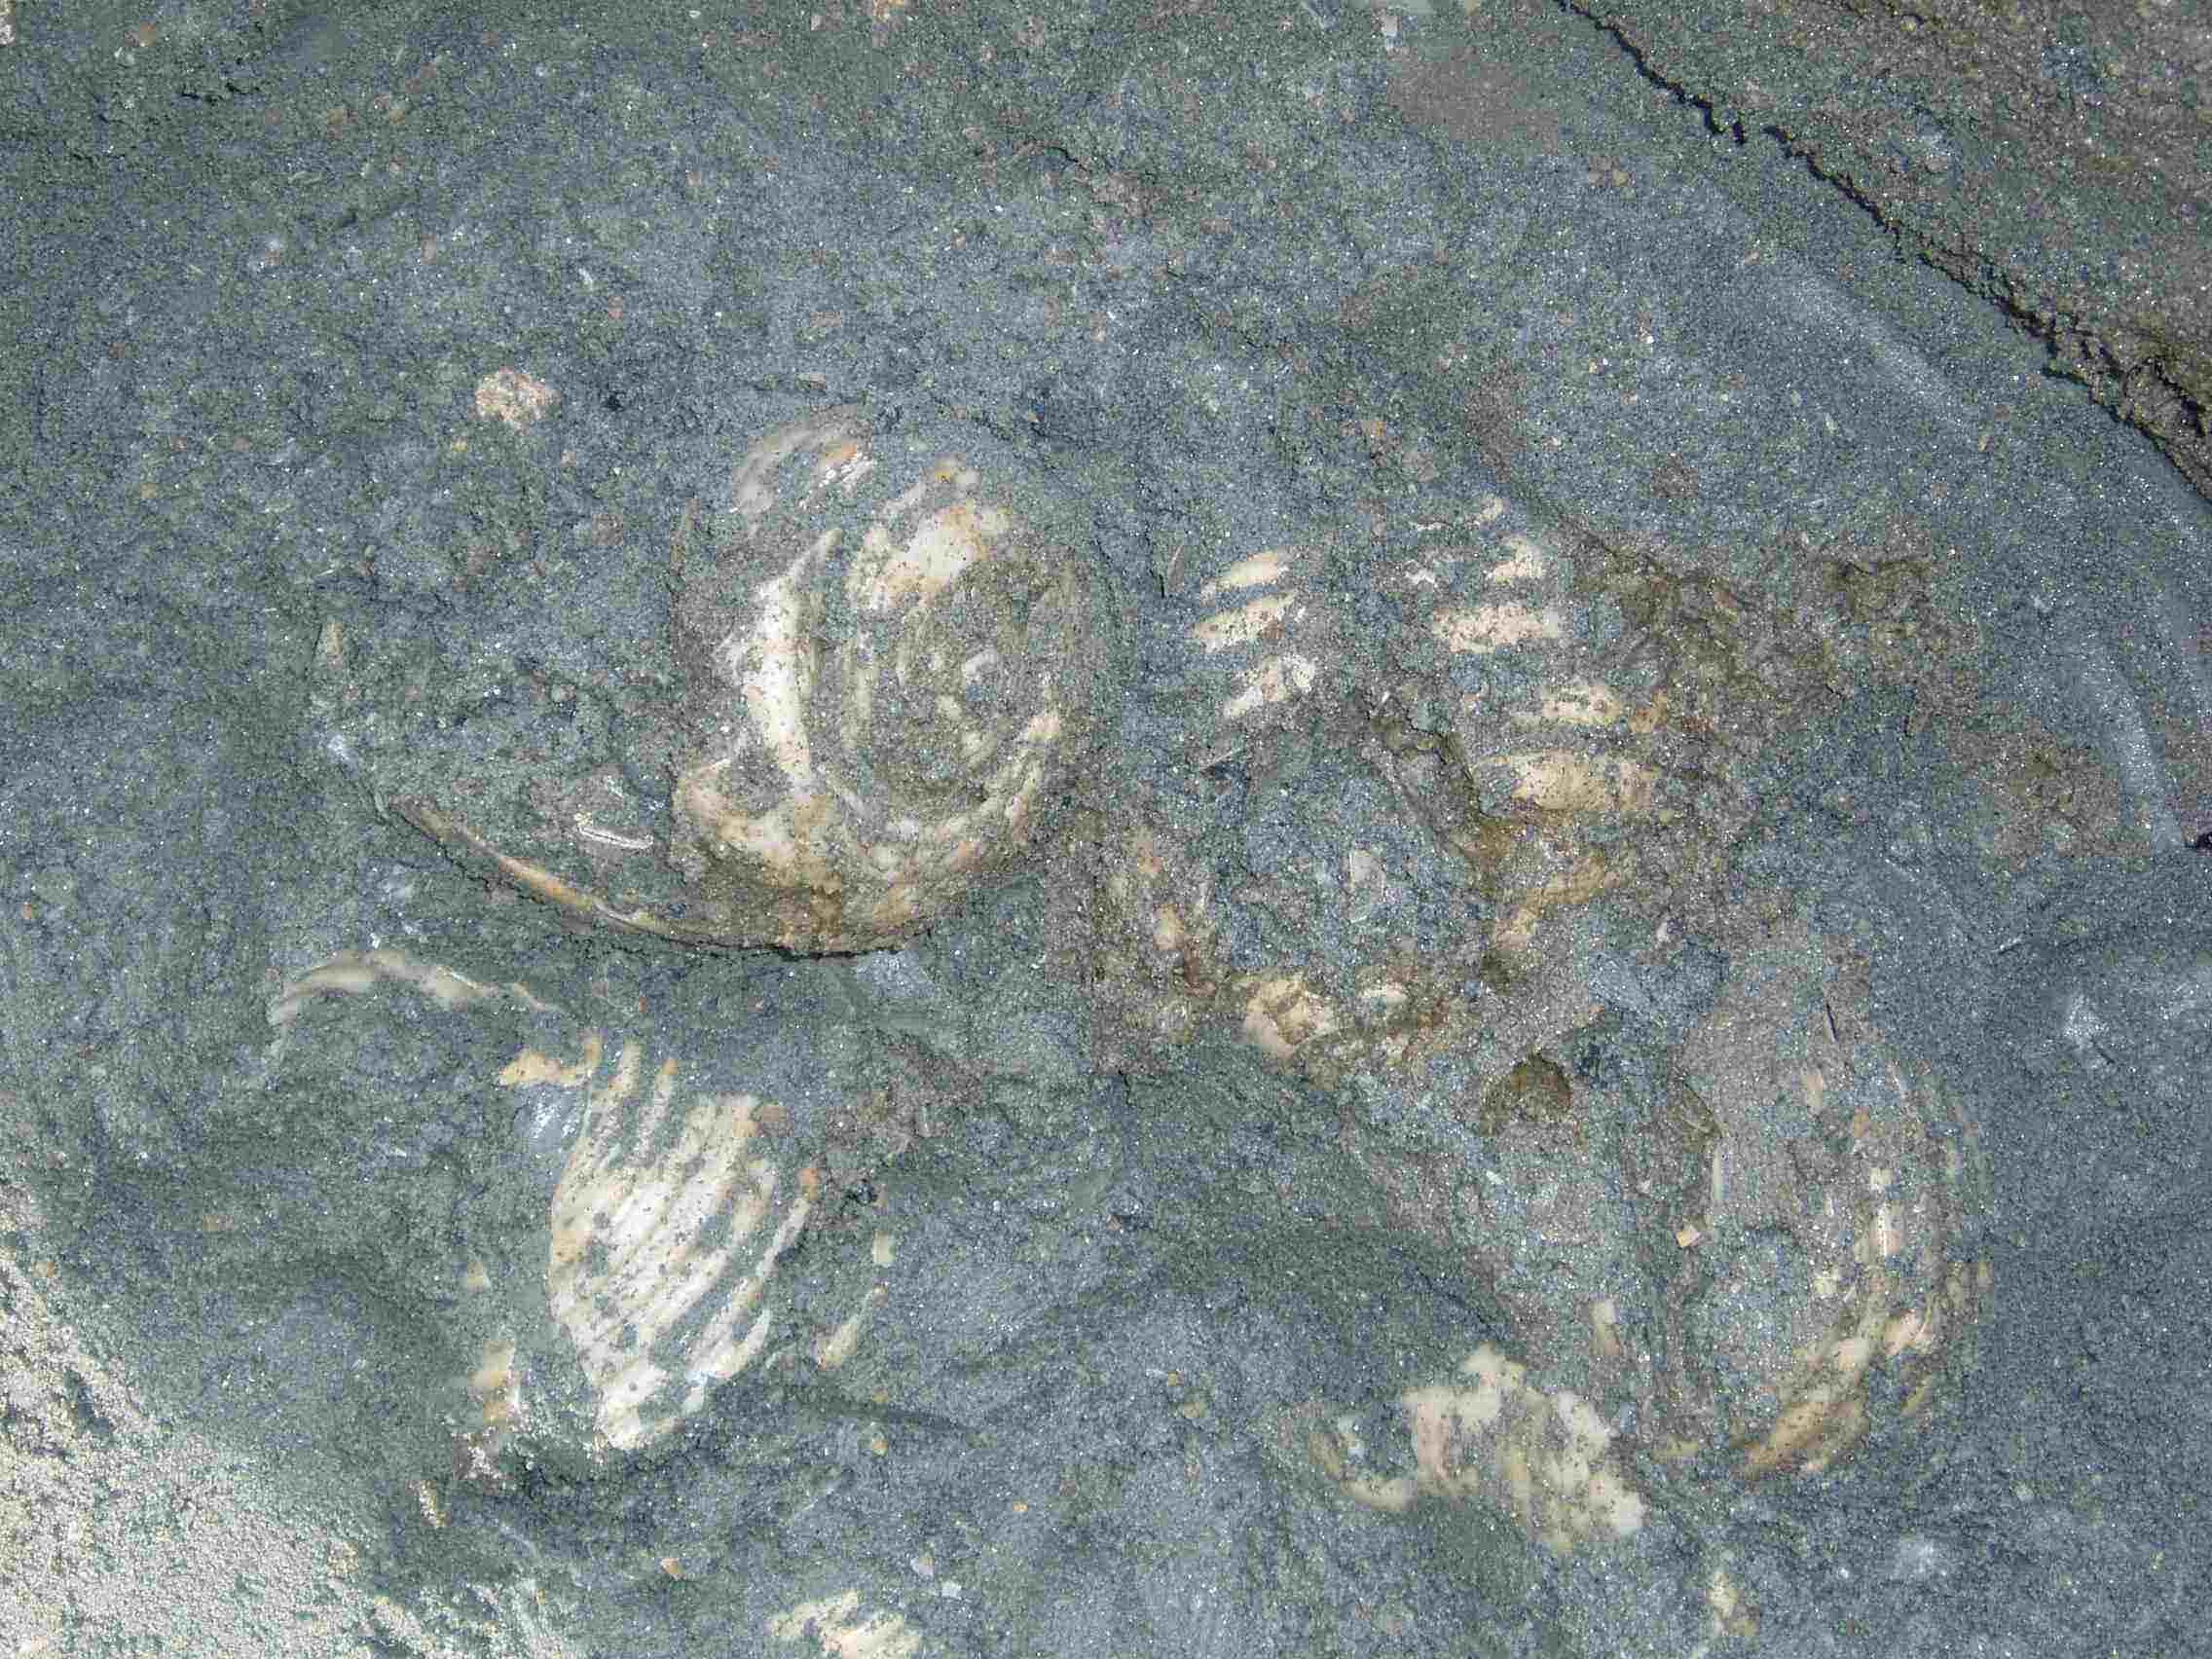 と思われる化石を集団で発見! 初心者の私は、もう大興奮! 慎重に・・・。慎重に・・・。とにかく慎